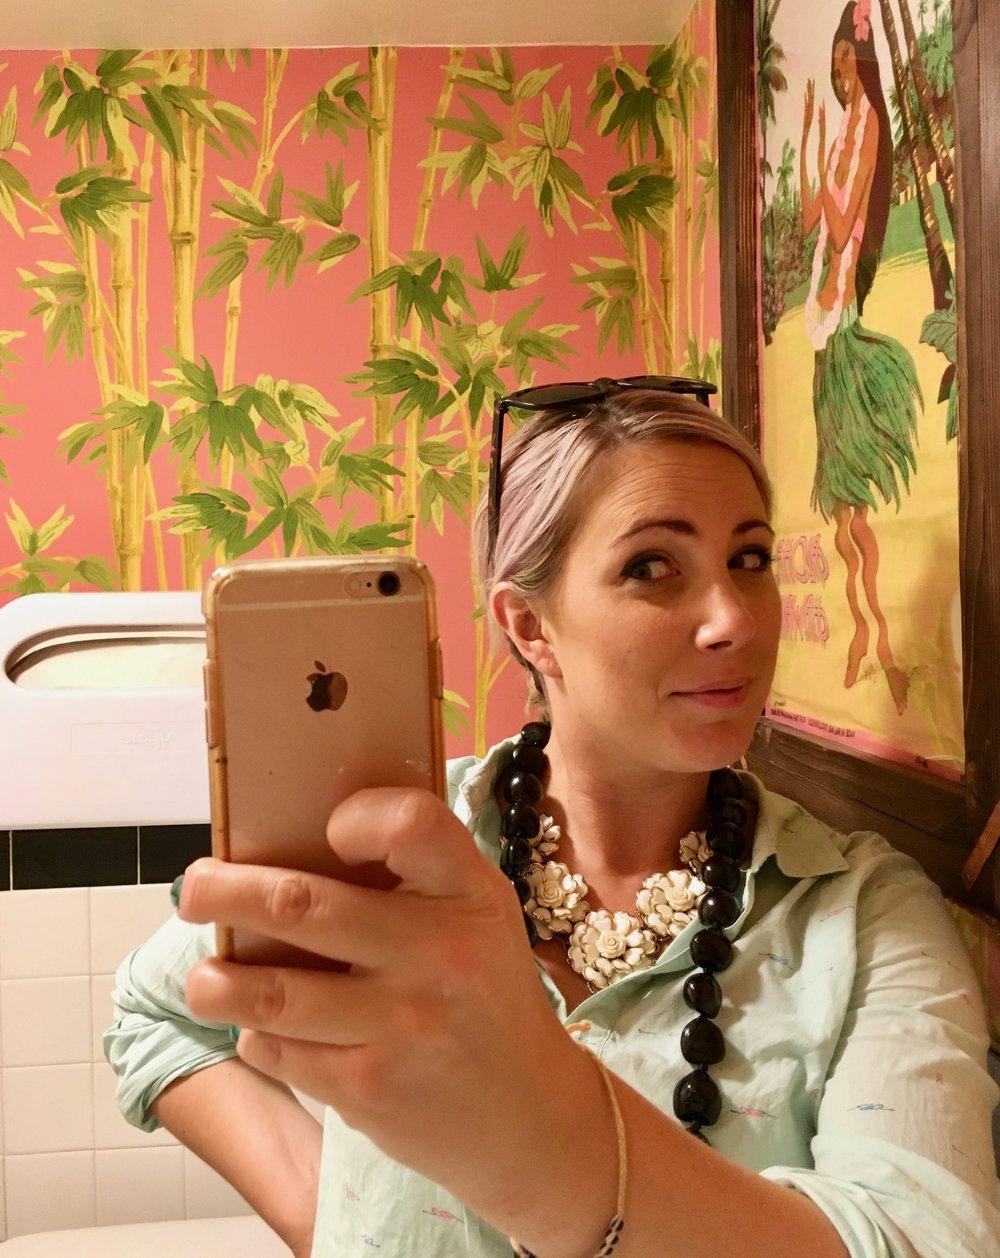 tiki-ko-bakersfield-bathroom-selfie.jpg